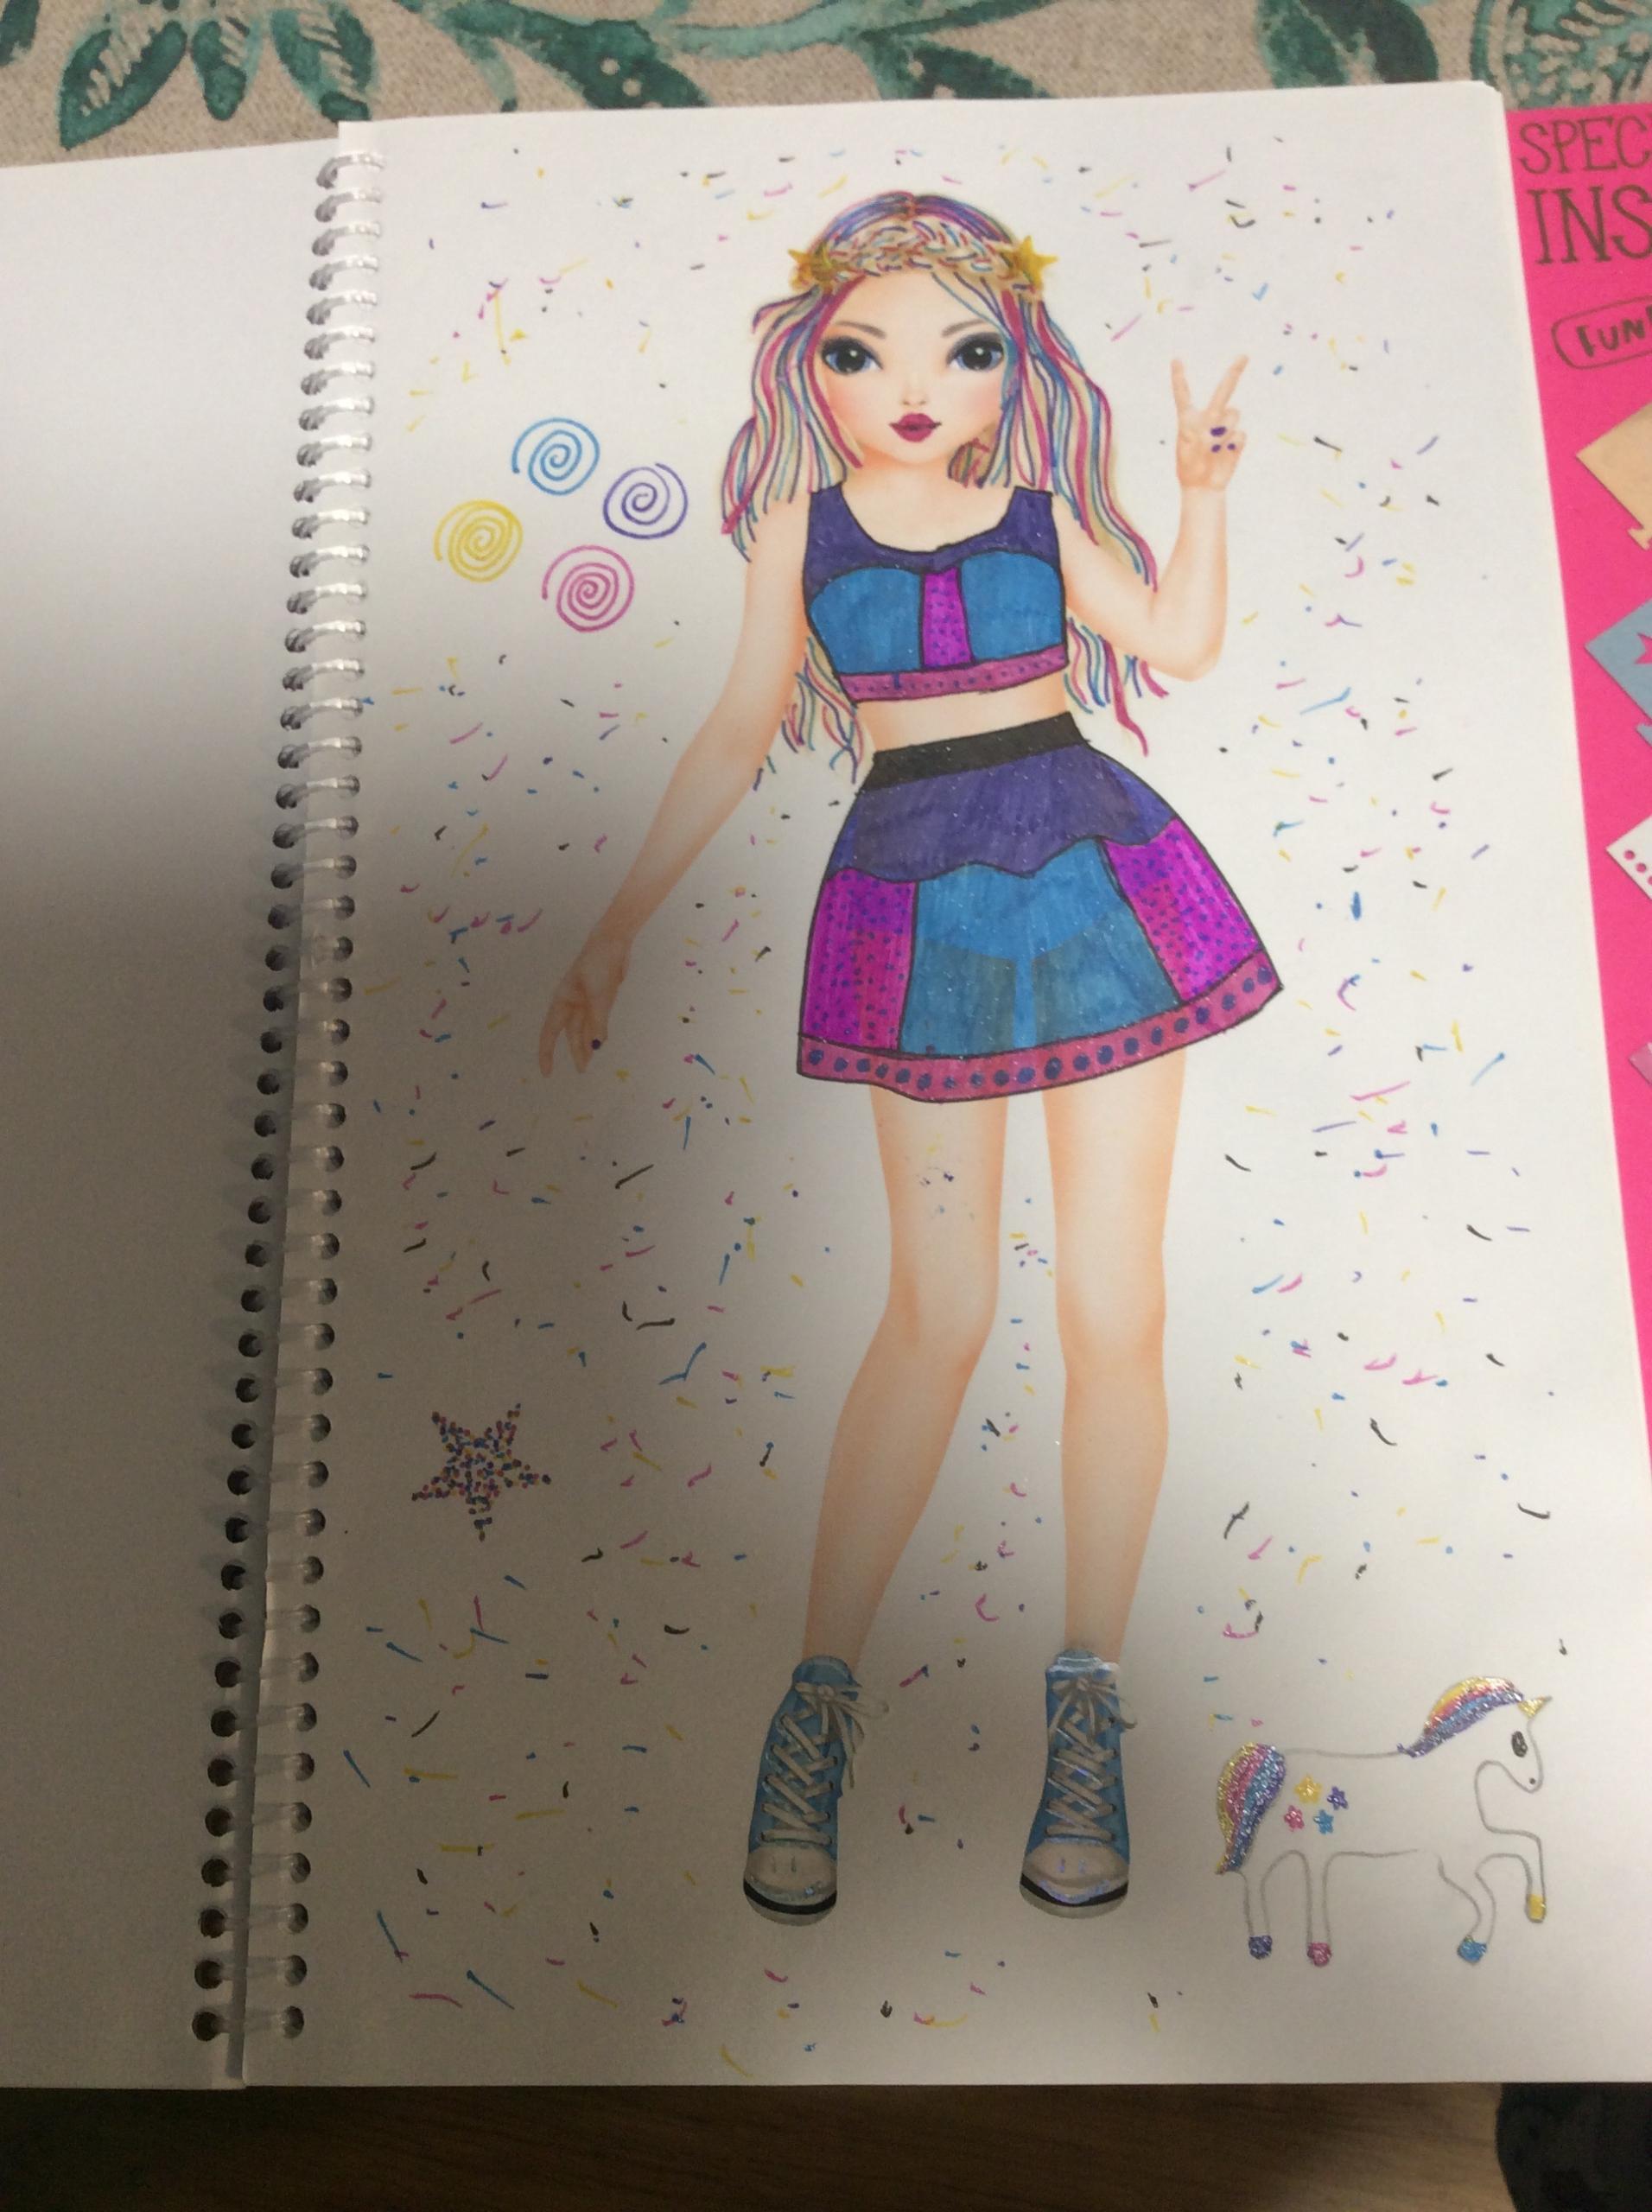 Sabina T., 9 Jahre, aus Zaragoza